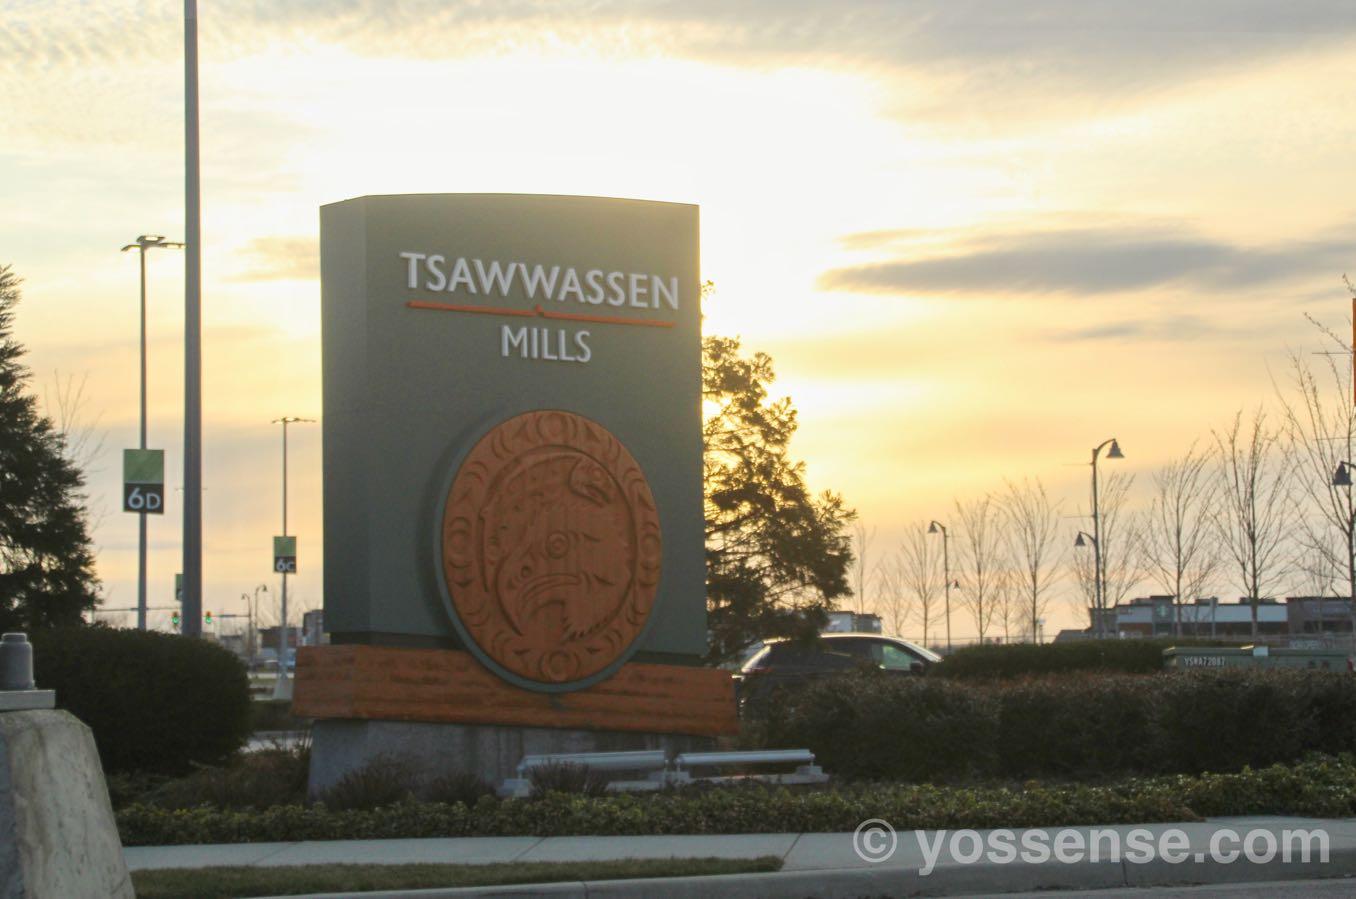 Tsawwassen Mills の看板